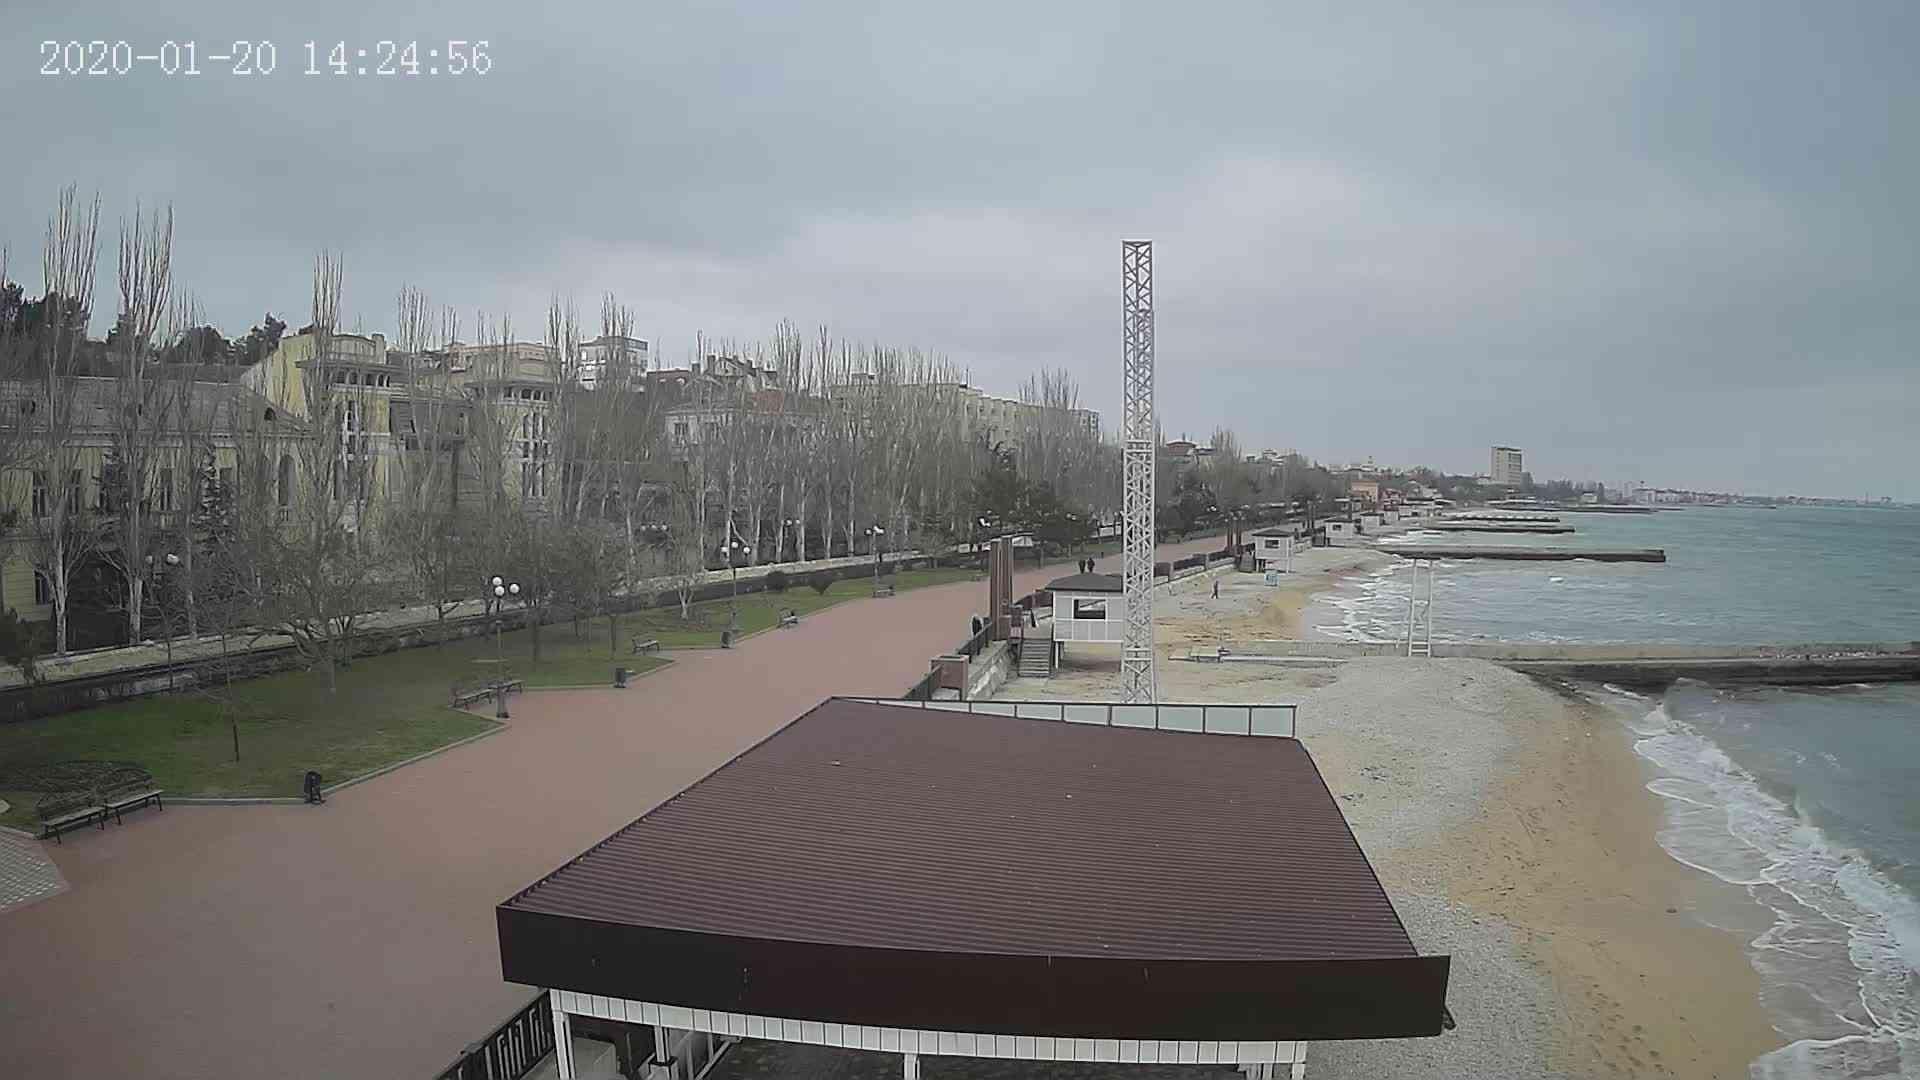 Веб-камеры Феодосии, Пляж Камешки, 2020-01-20 14:25:21